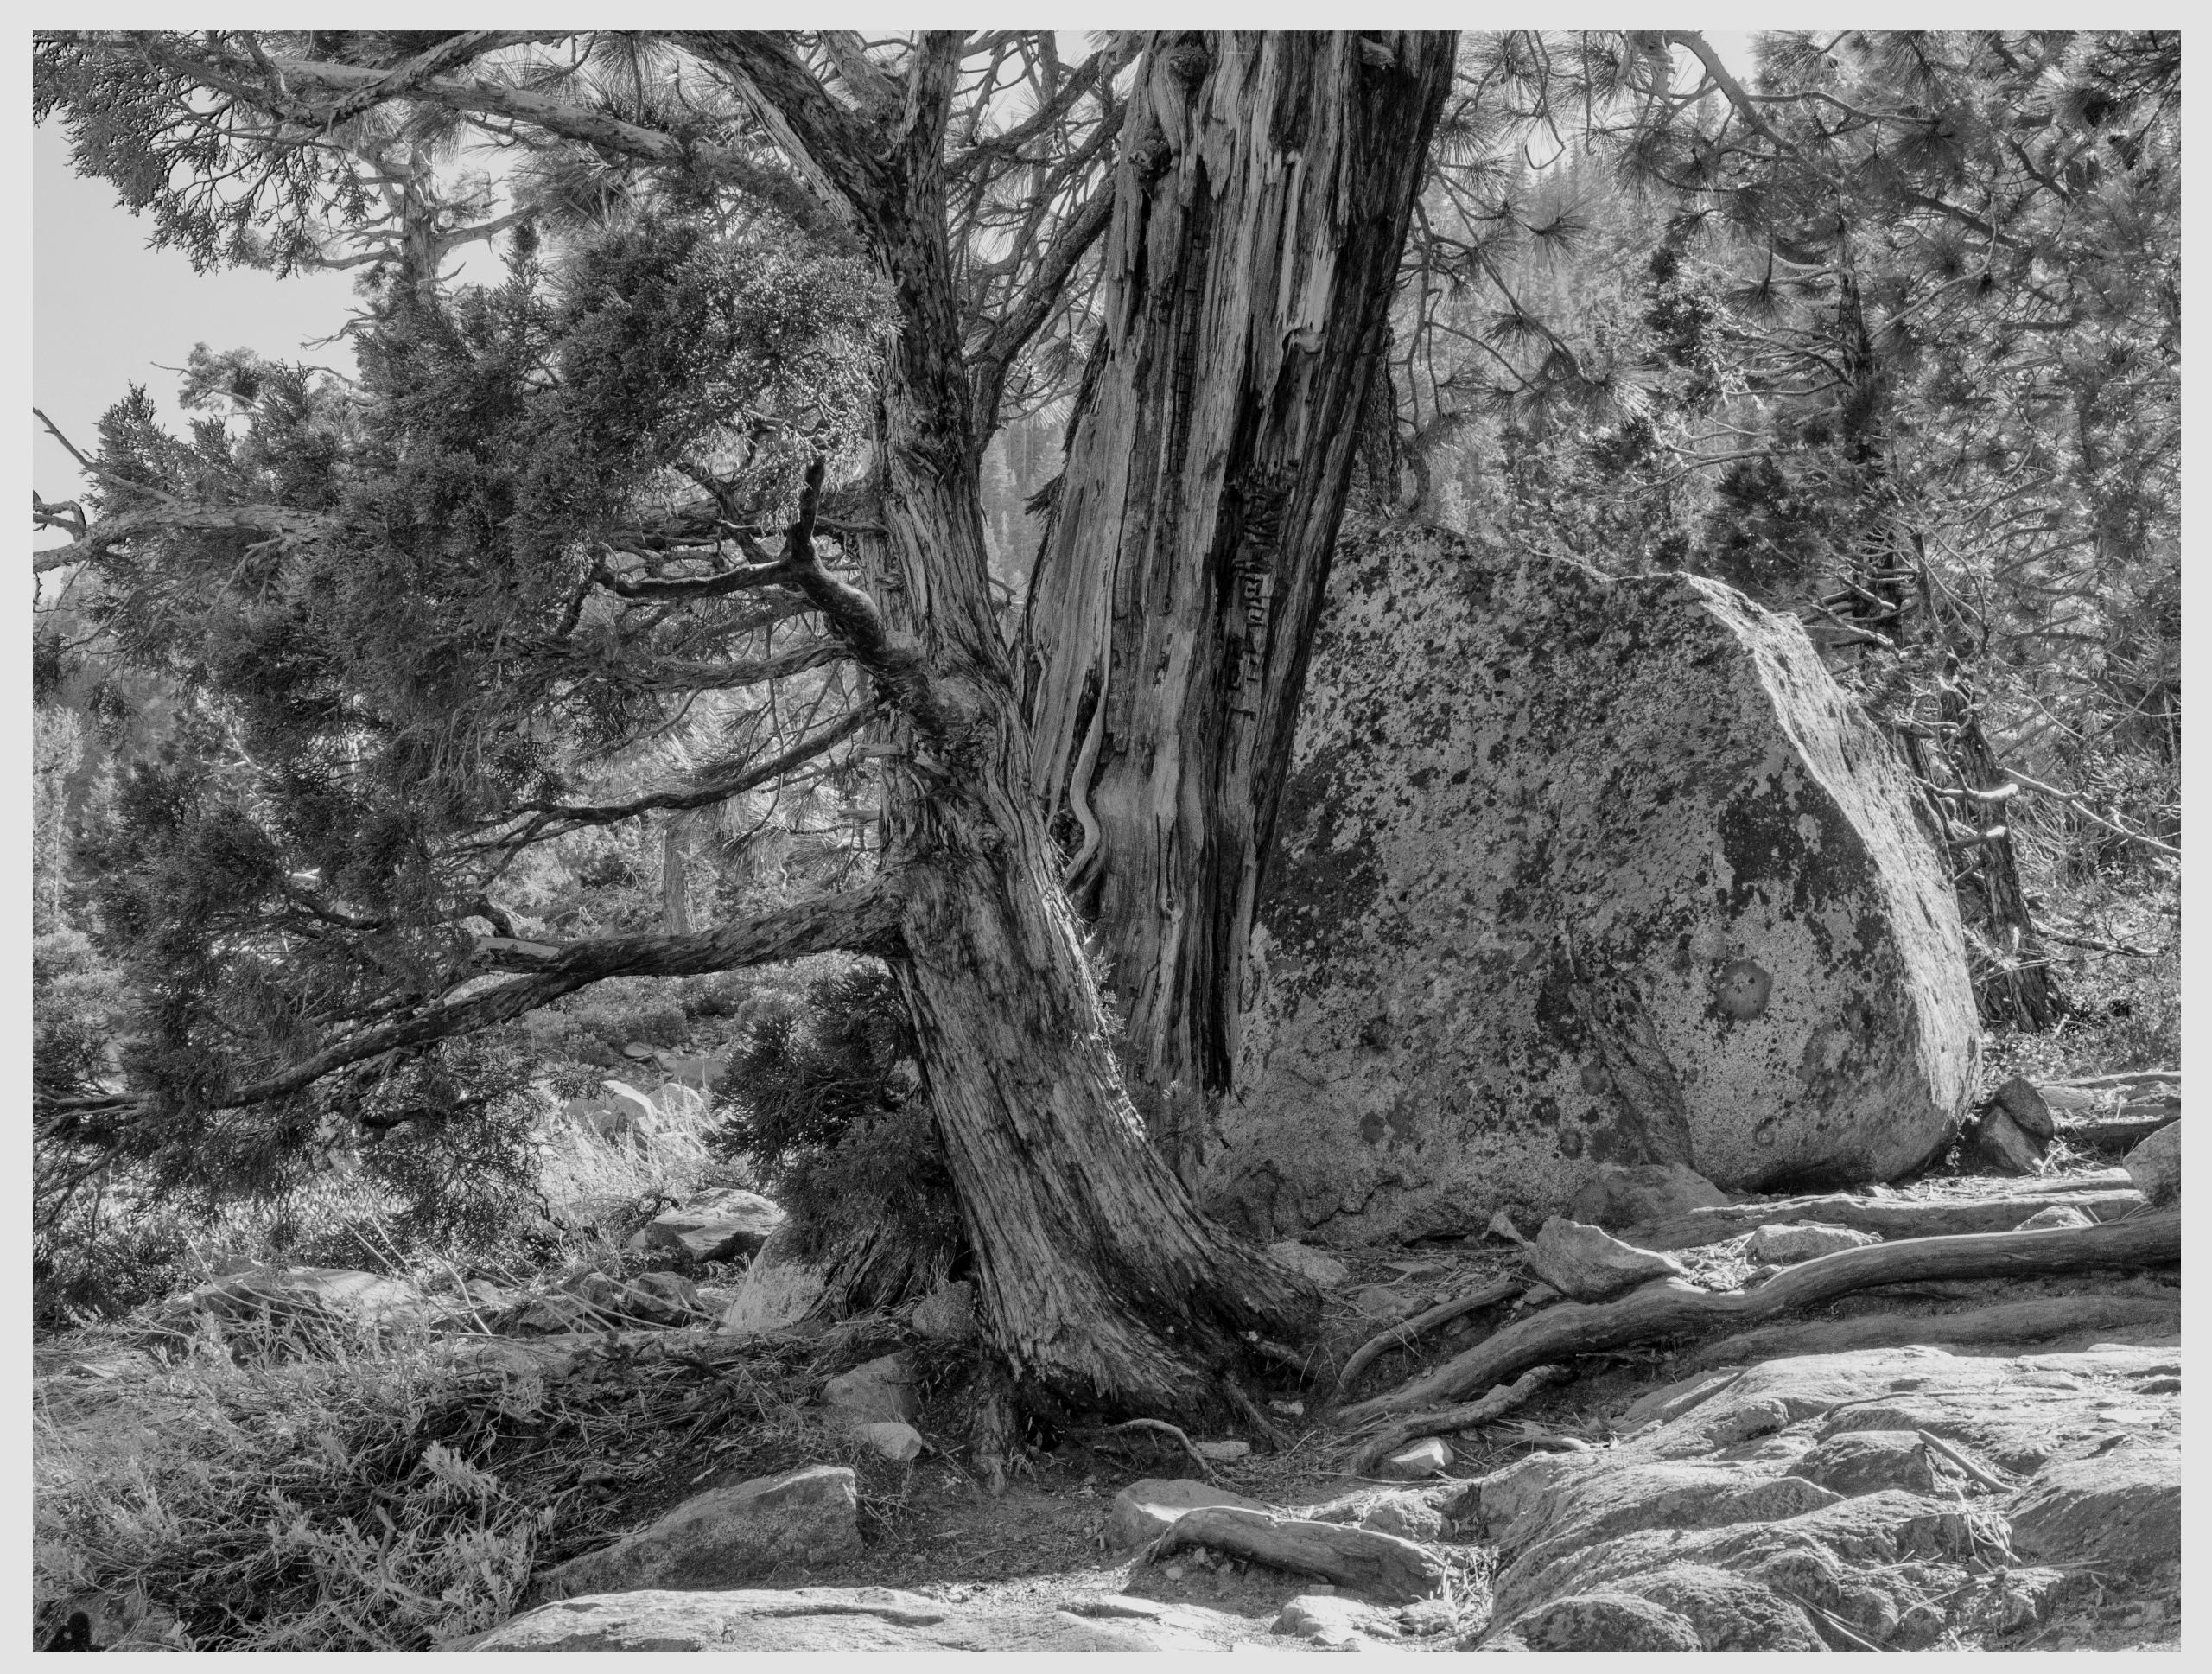 Esmerald Bay State Park, CA - guillermoalvarez | ello